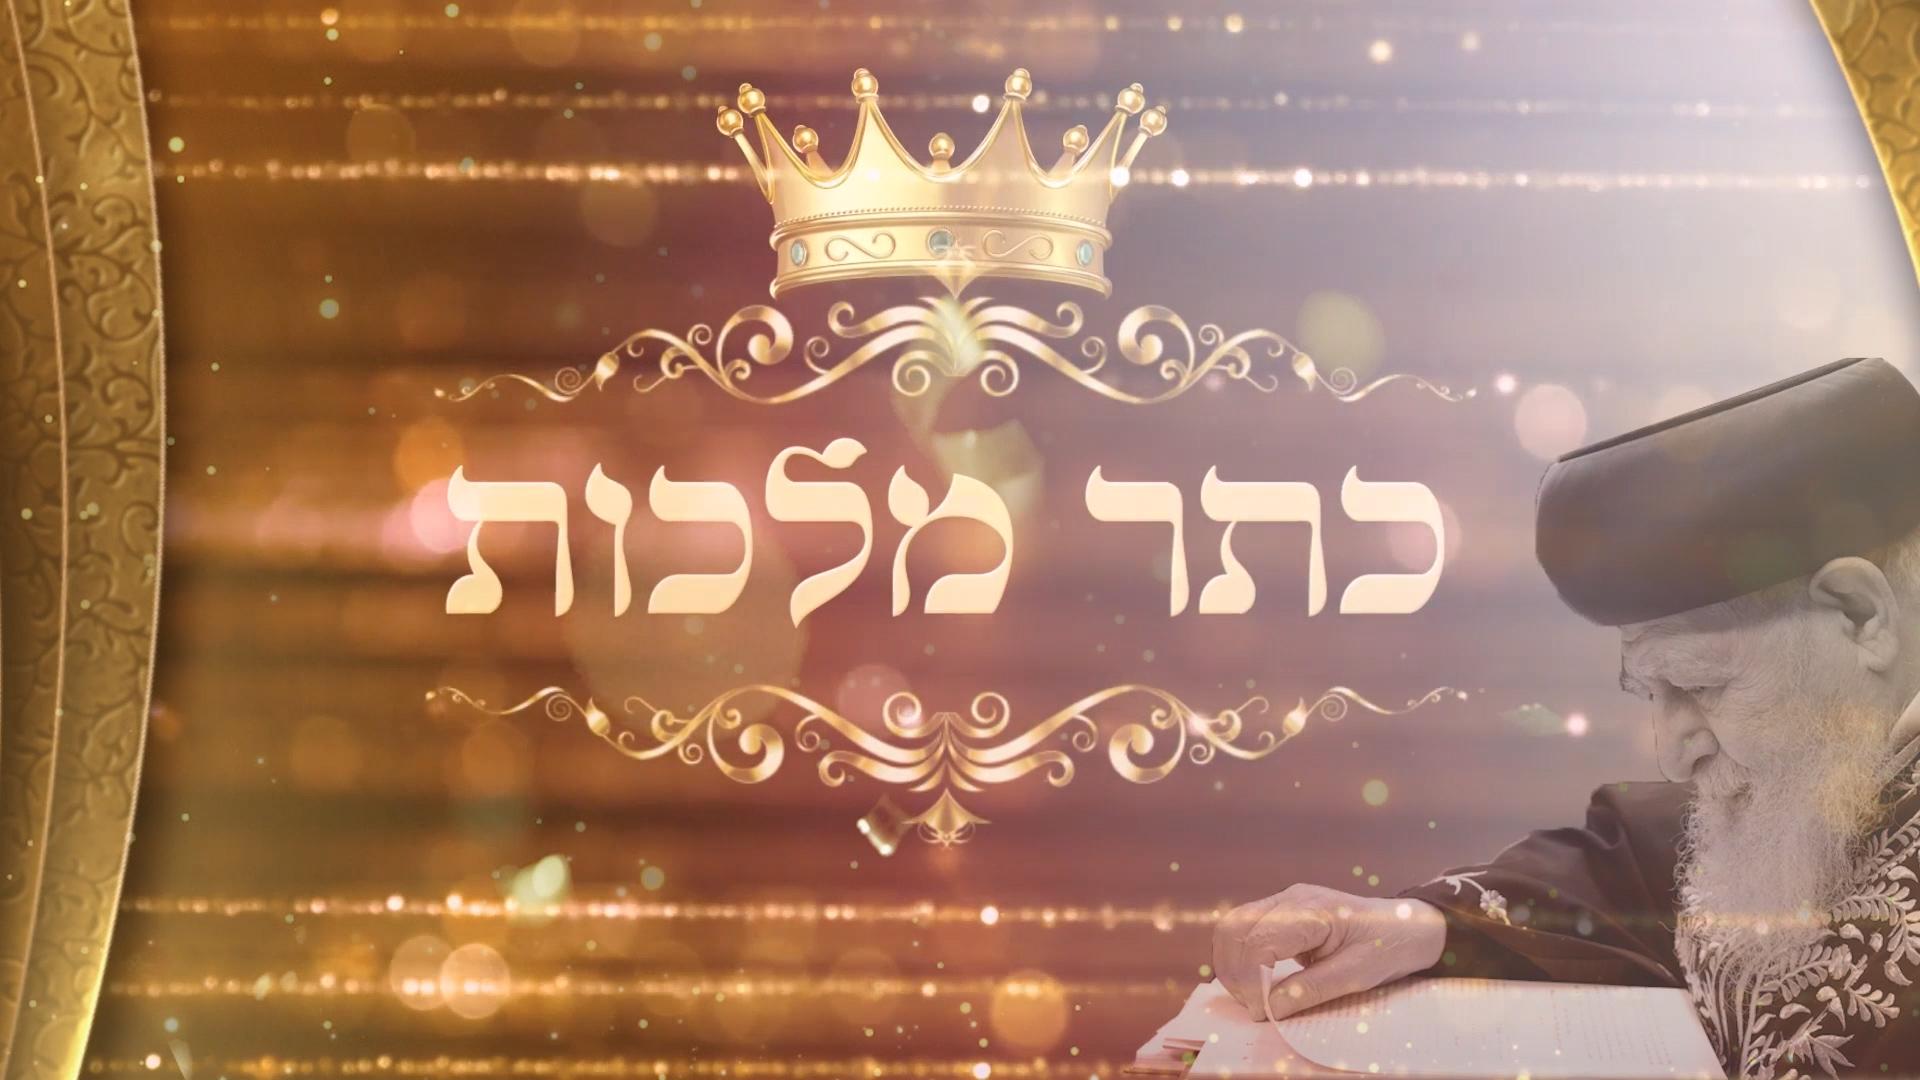 כתר מלכות - קליפ חזק מאוד ומרגש